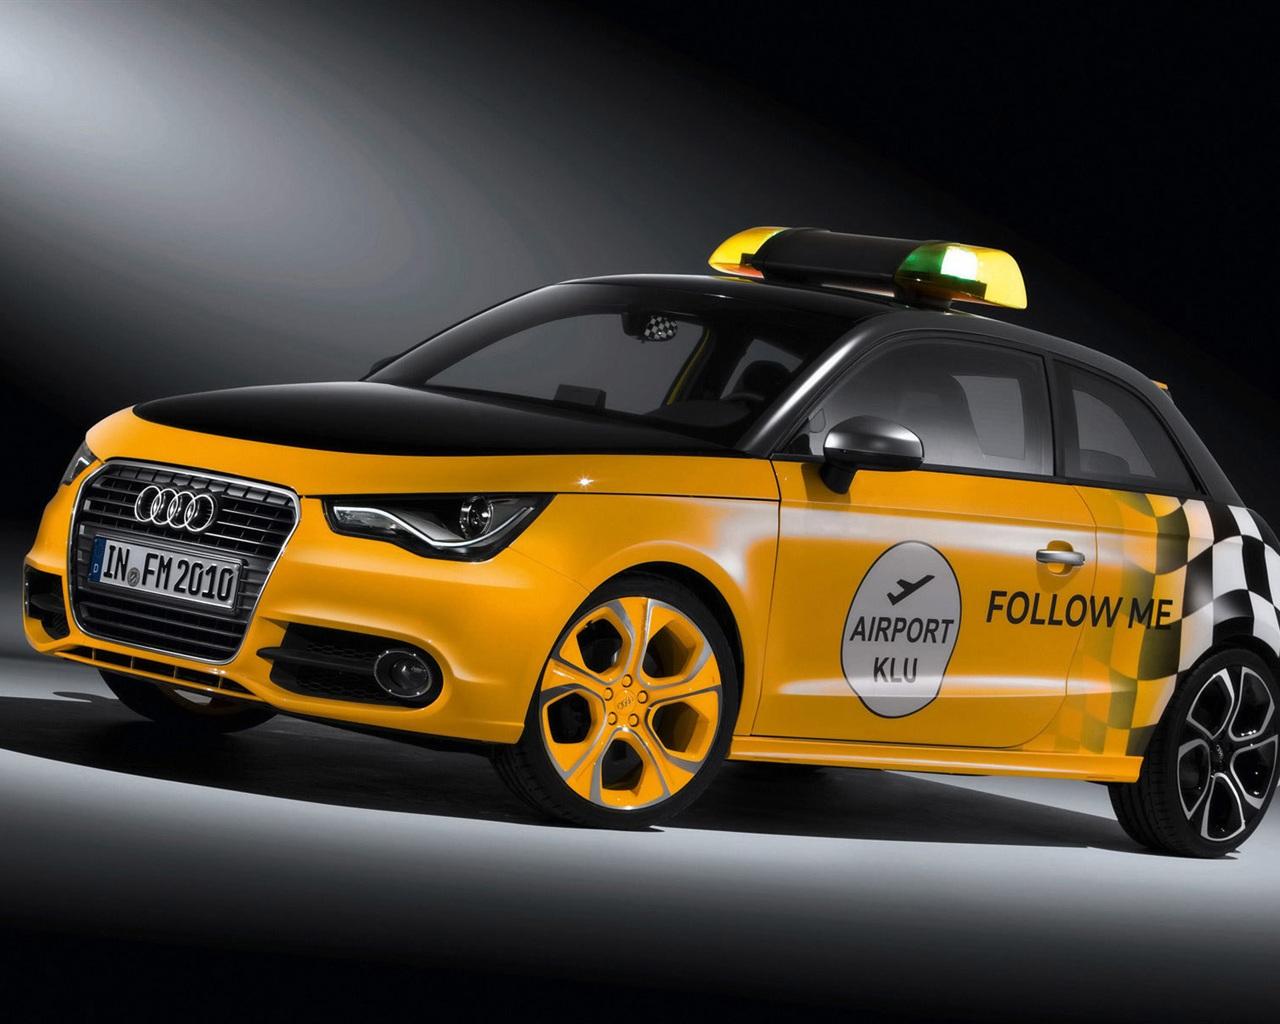 下载壁纸 1280x1024 奥迪黄色警车 桌面背景